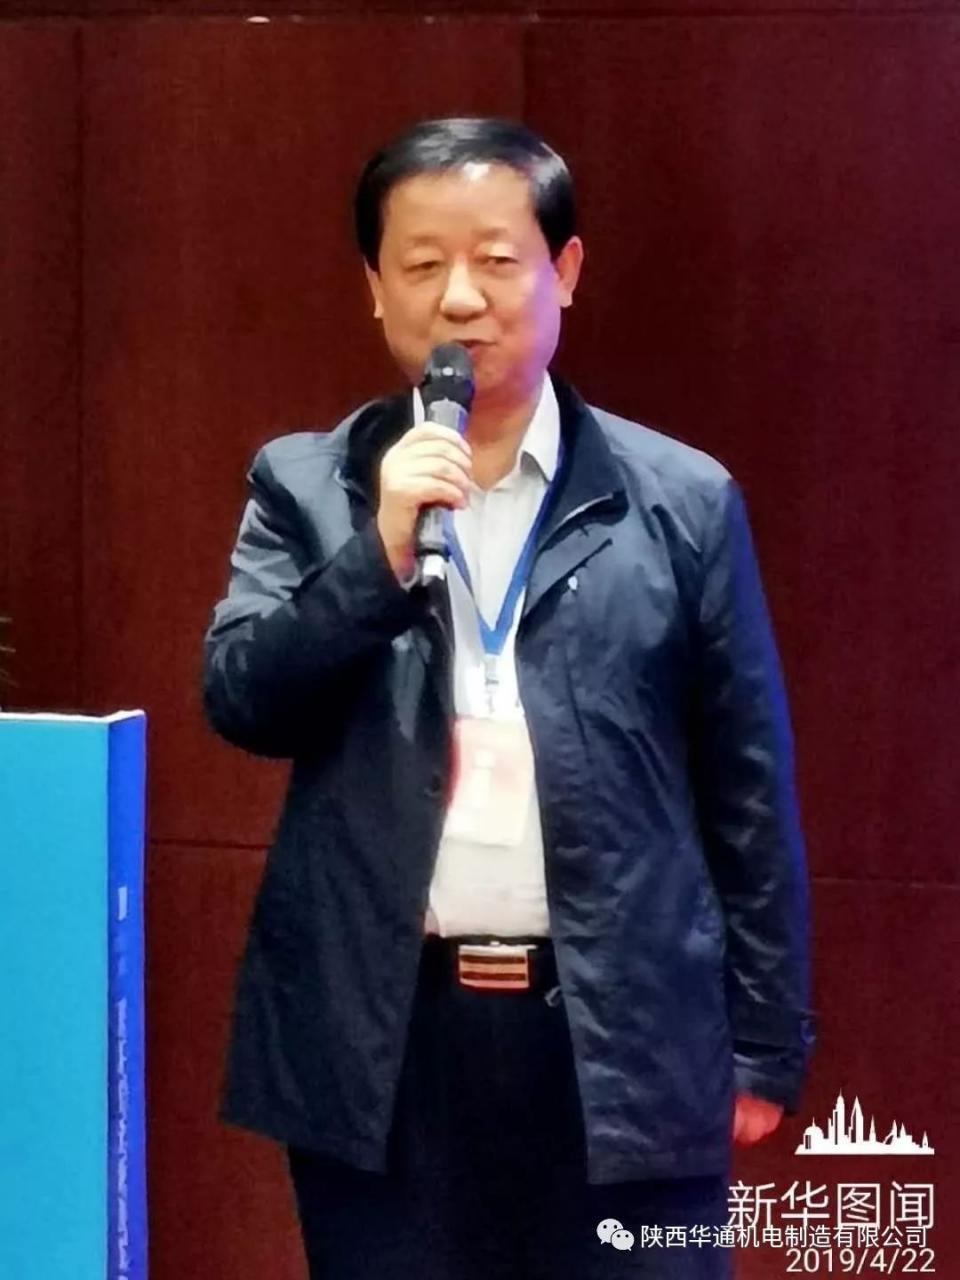 首届先进制造发展研讨会在北京隆重举行-新华图闻网